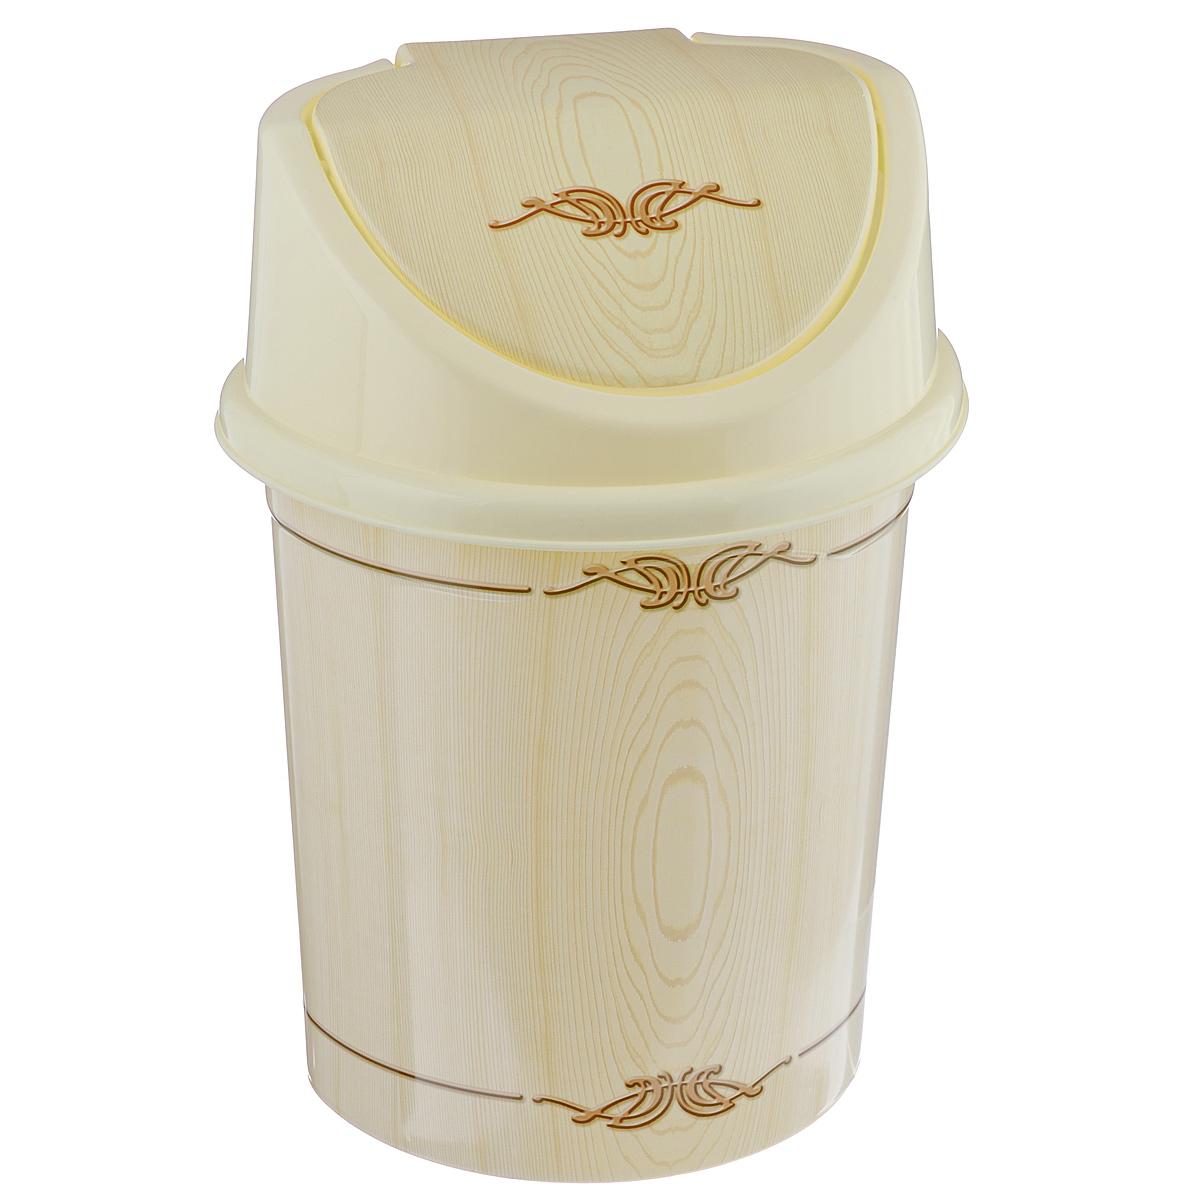 Контейнер для мусора Violet Беленый дуб, цвет: слоновая кость, коричневый, 4 лS03301004Контейнер для мусора Violet Беленый дуб изготовлен из прочного пластика. Контейнер снабжен удобной съемной крышкой с подвижной перегородкой. В нем удобно хранить мелкий мусор. Благодаря лаконичному дизайну такой контейнер идеально впишется в интерьер и дома, и офиса.Размер изделия: 16 см x 20 см x 27 см.